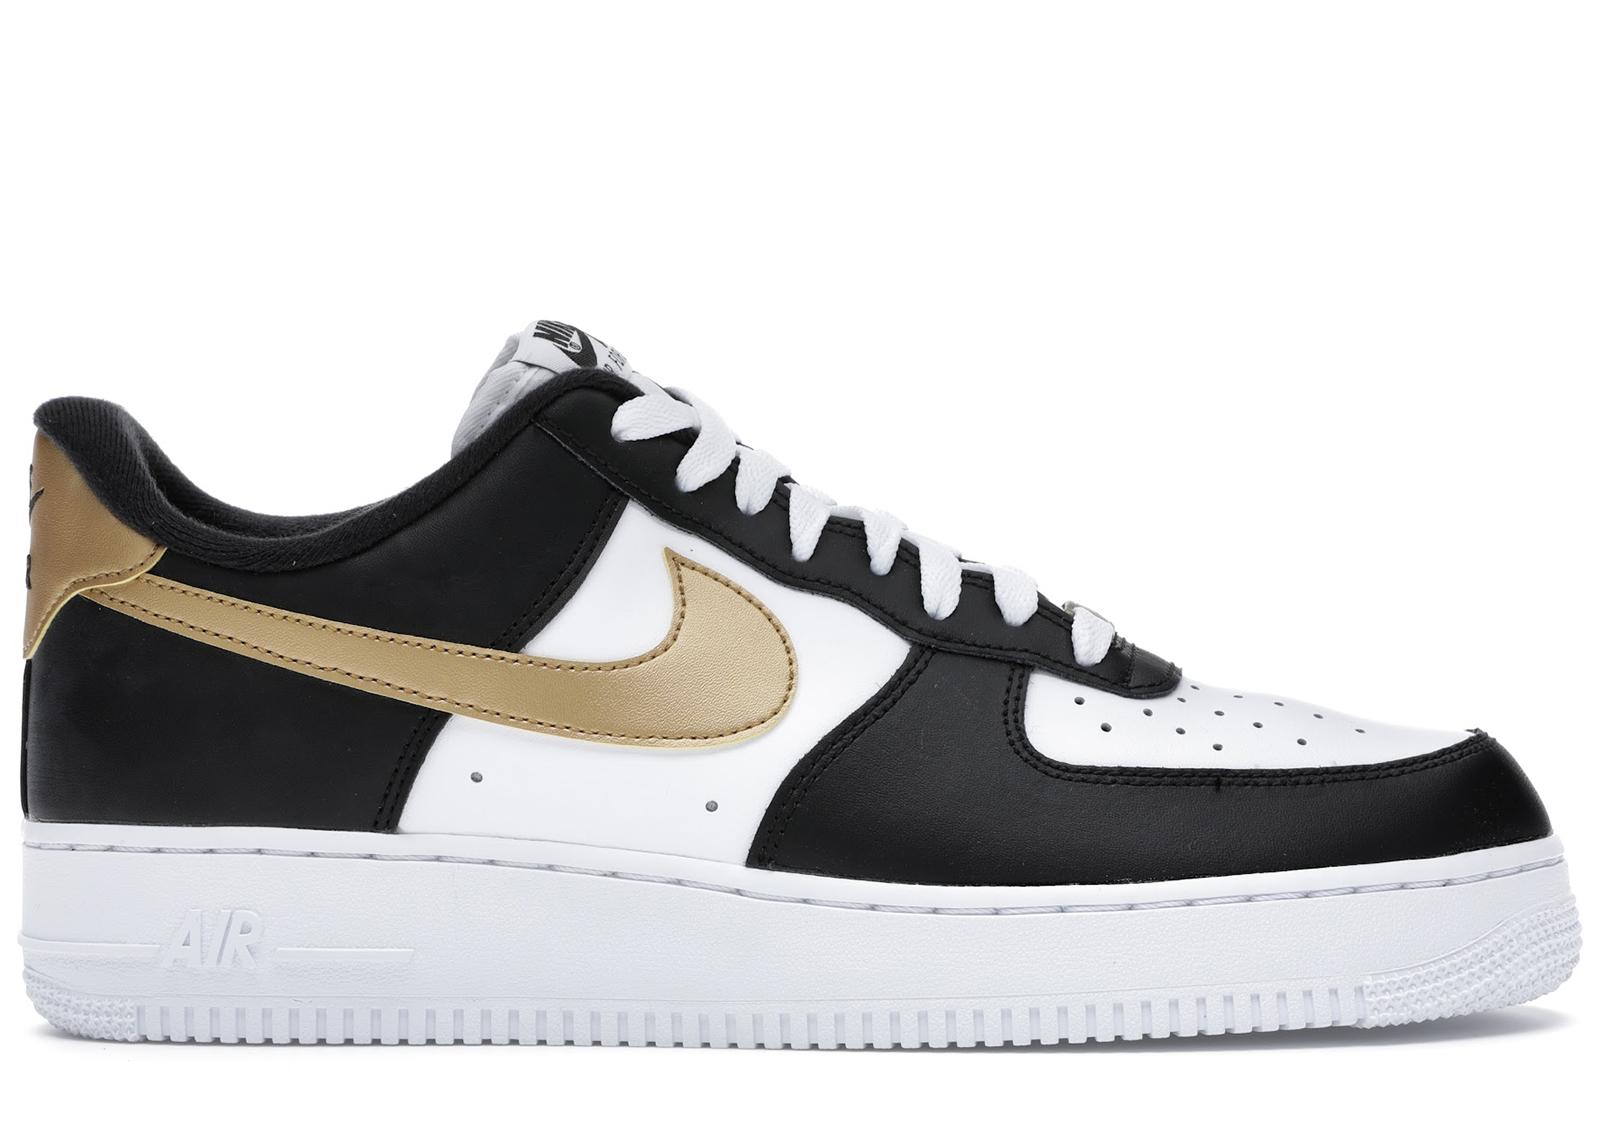 Nike Air Force 1 Low Black White Metallic Gold